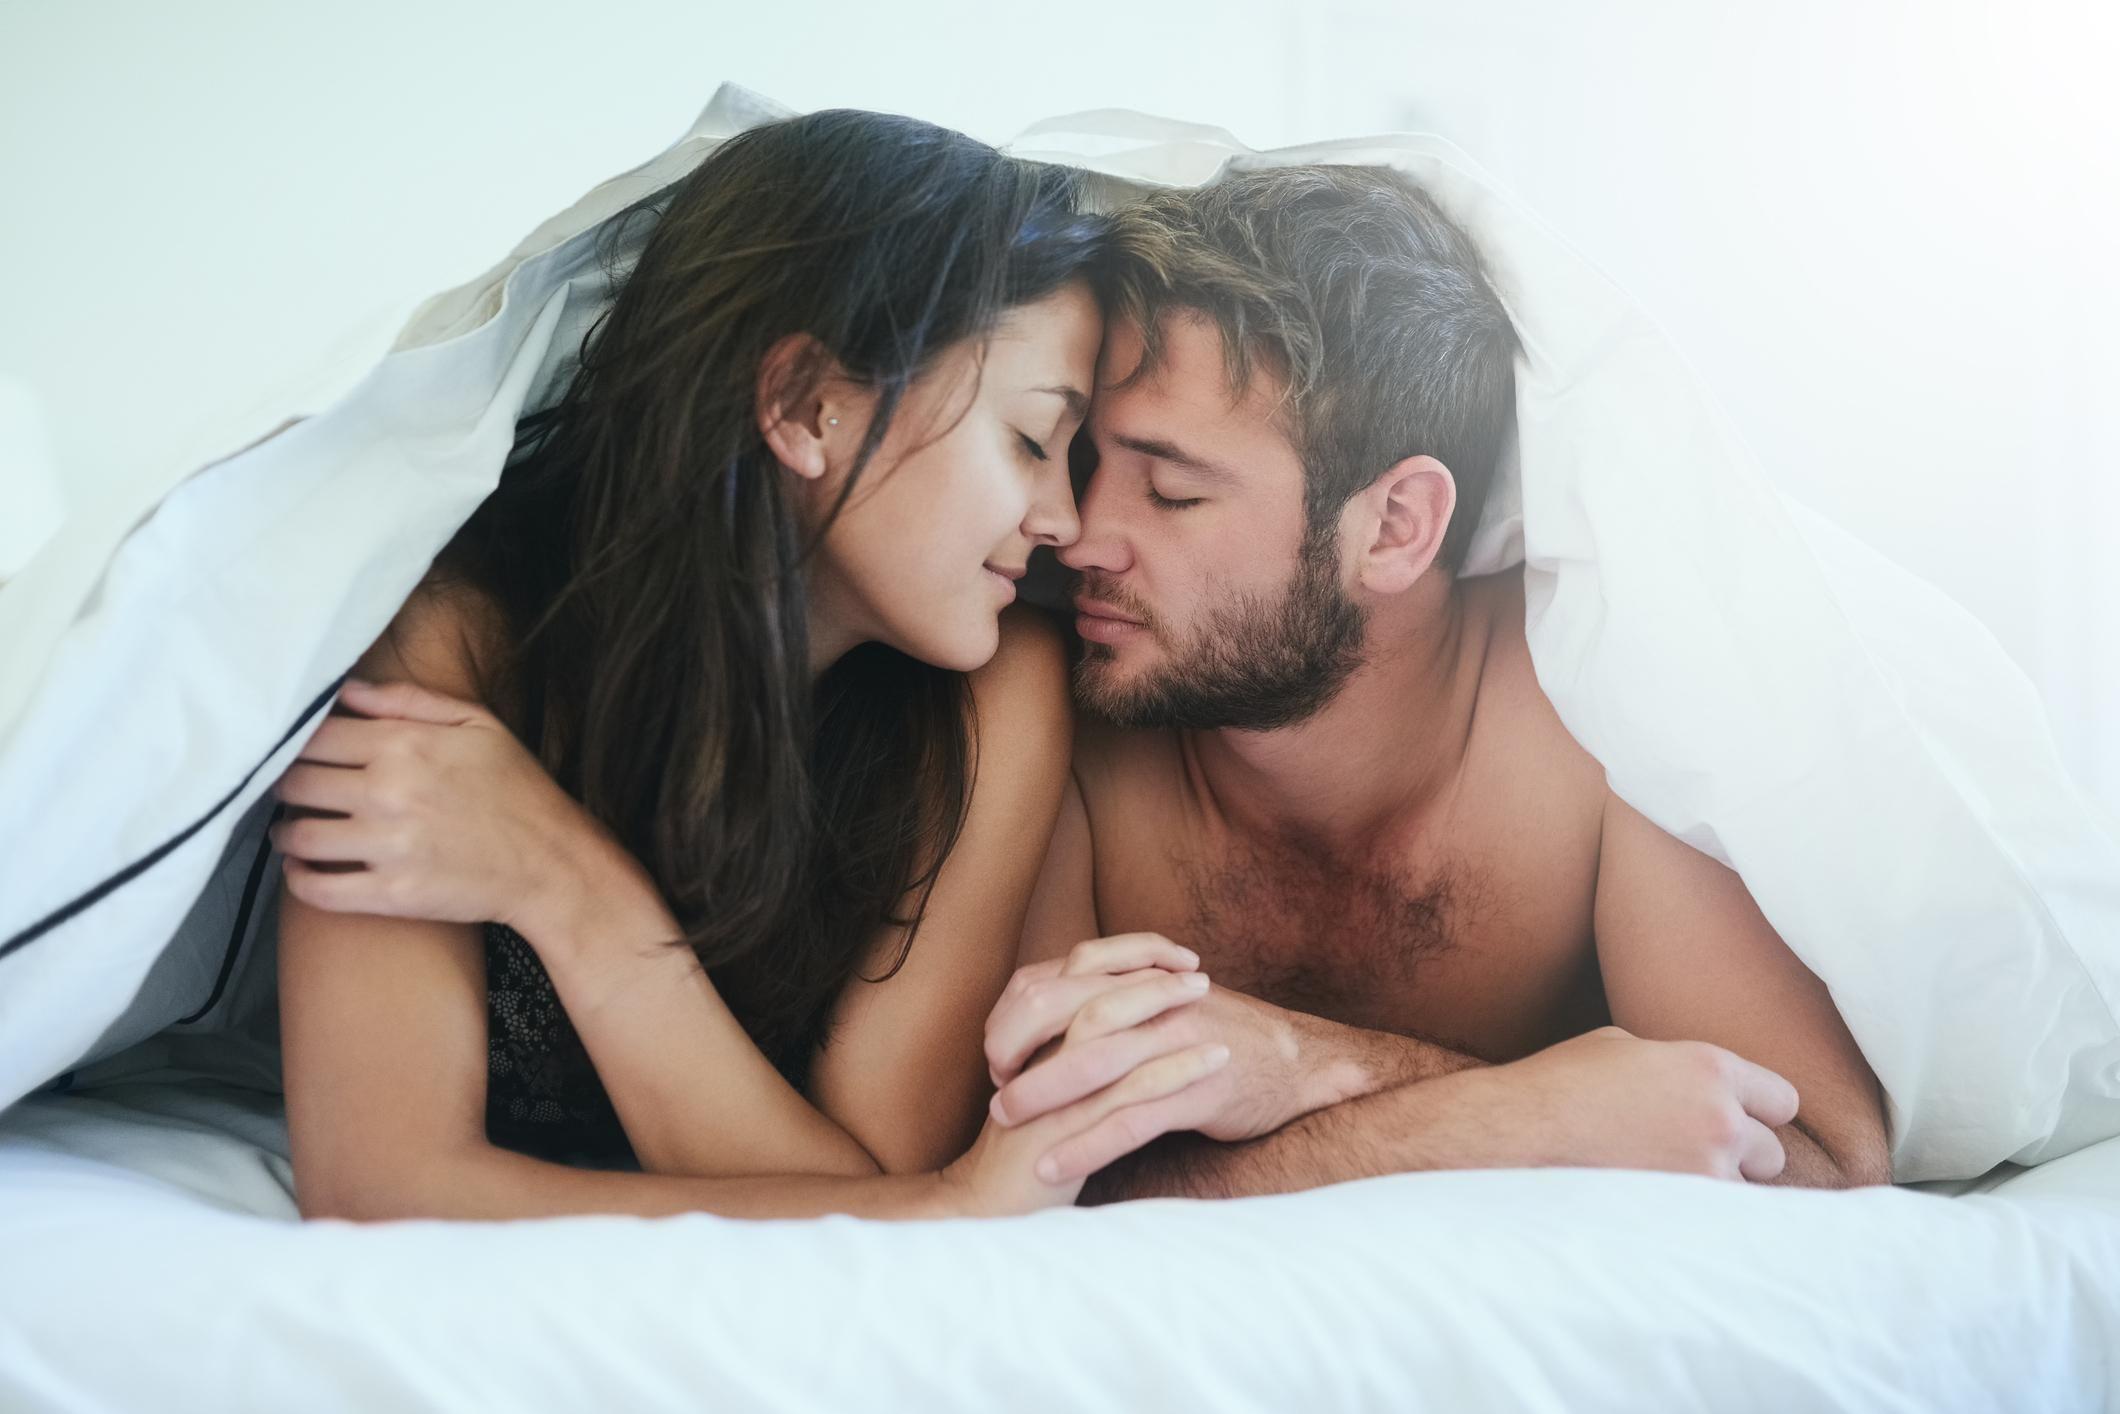 обнаружили отсутствие занятие любовью фото парни начали